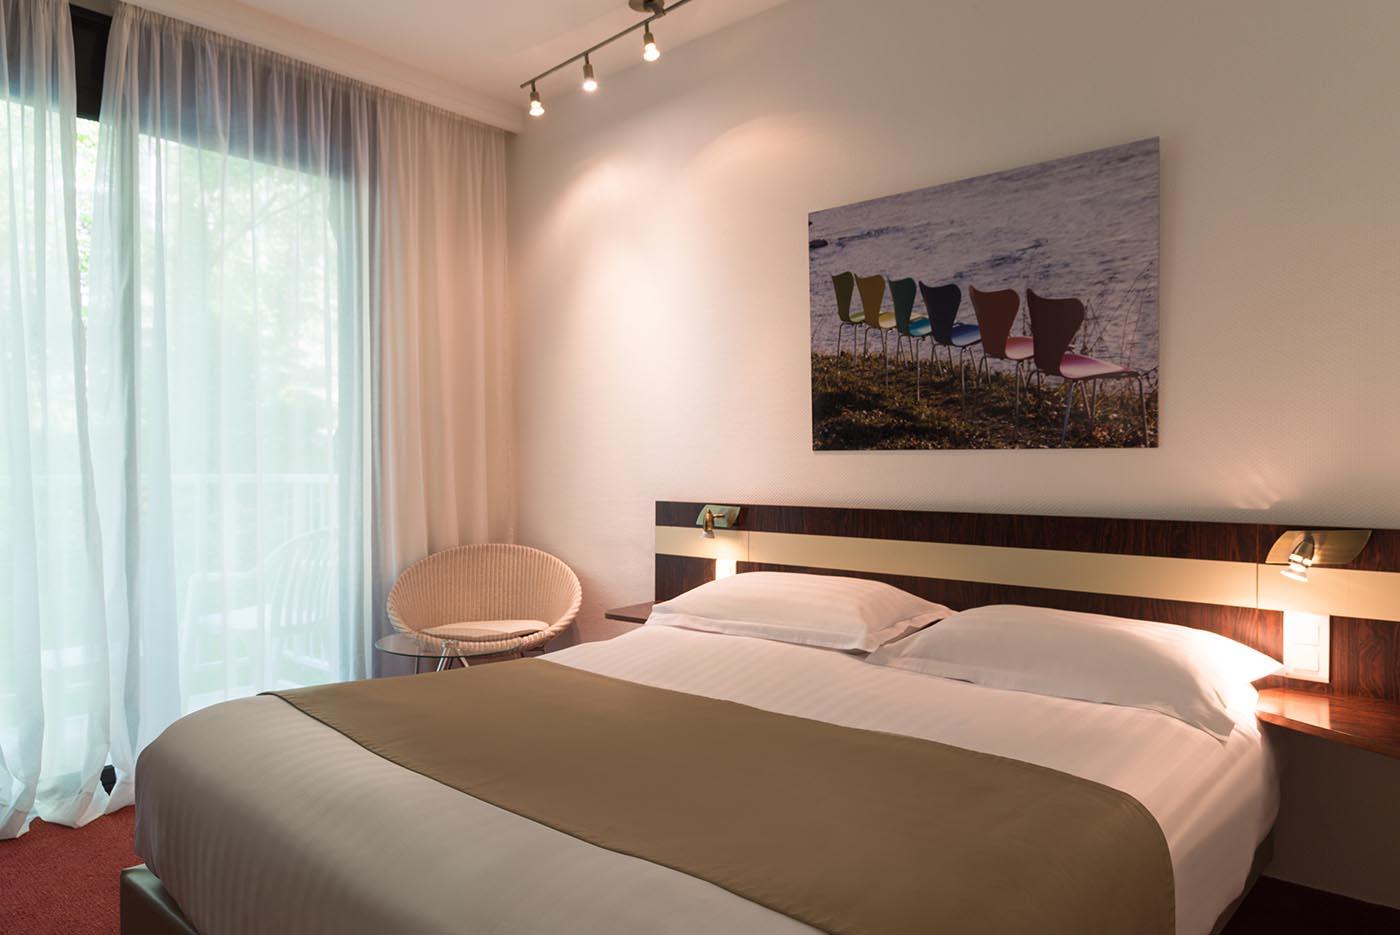 Chambre Standard à l'Hôtel Villa Borghese à Gréoux-les-Bains (04800)